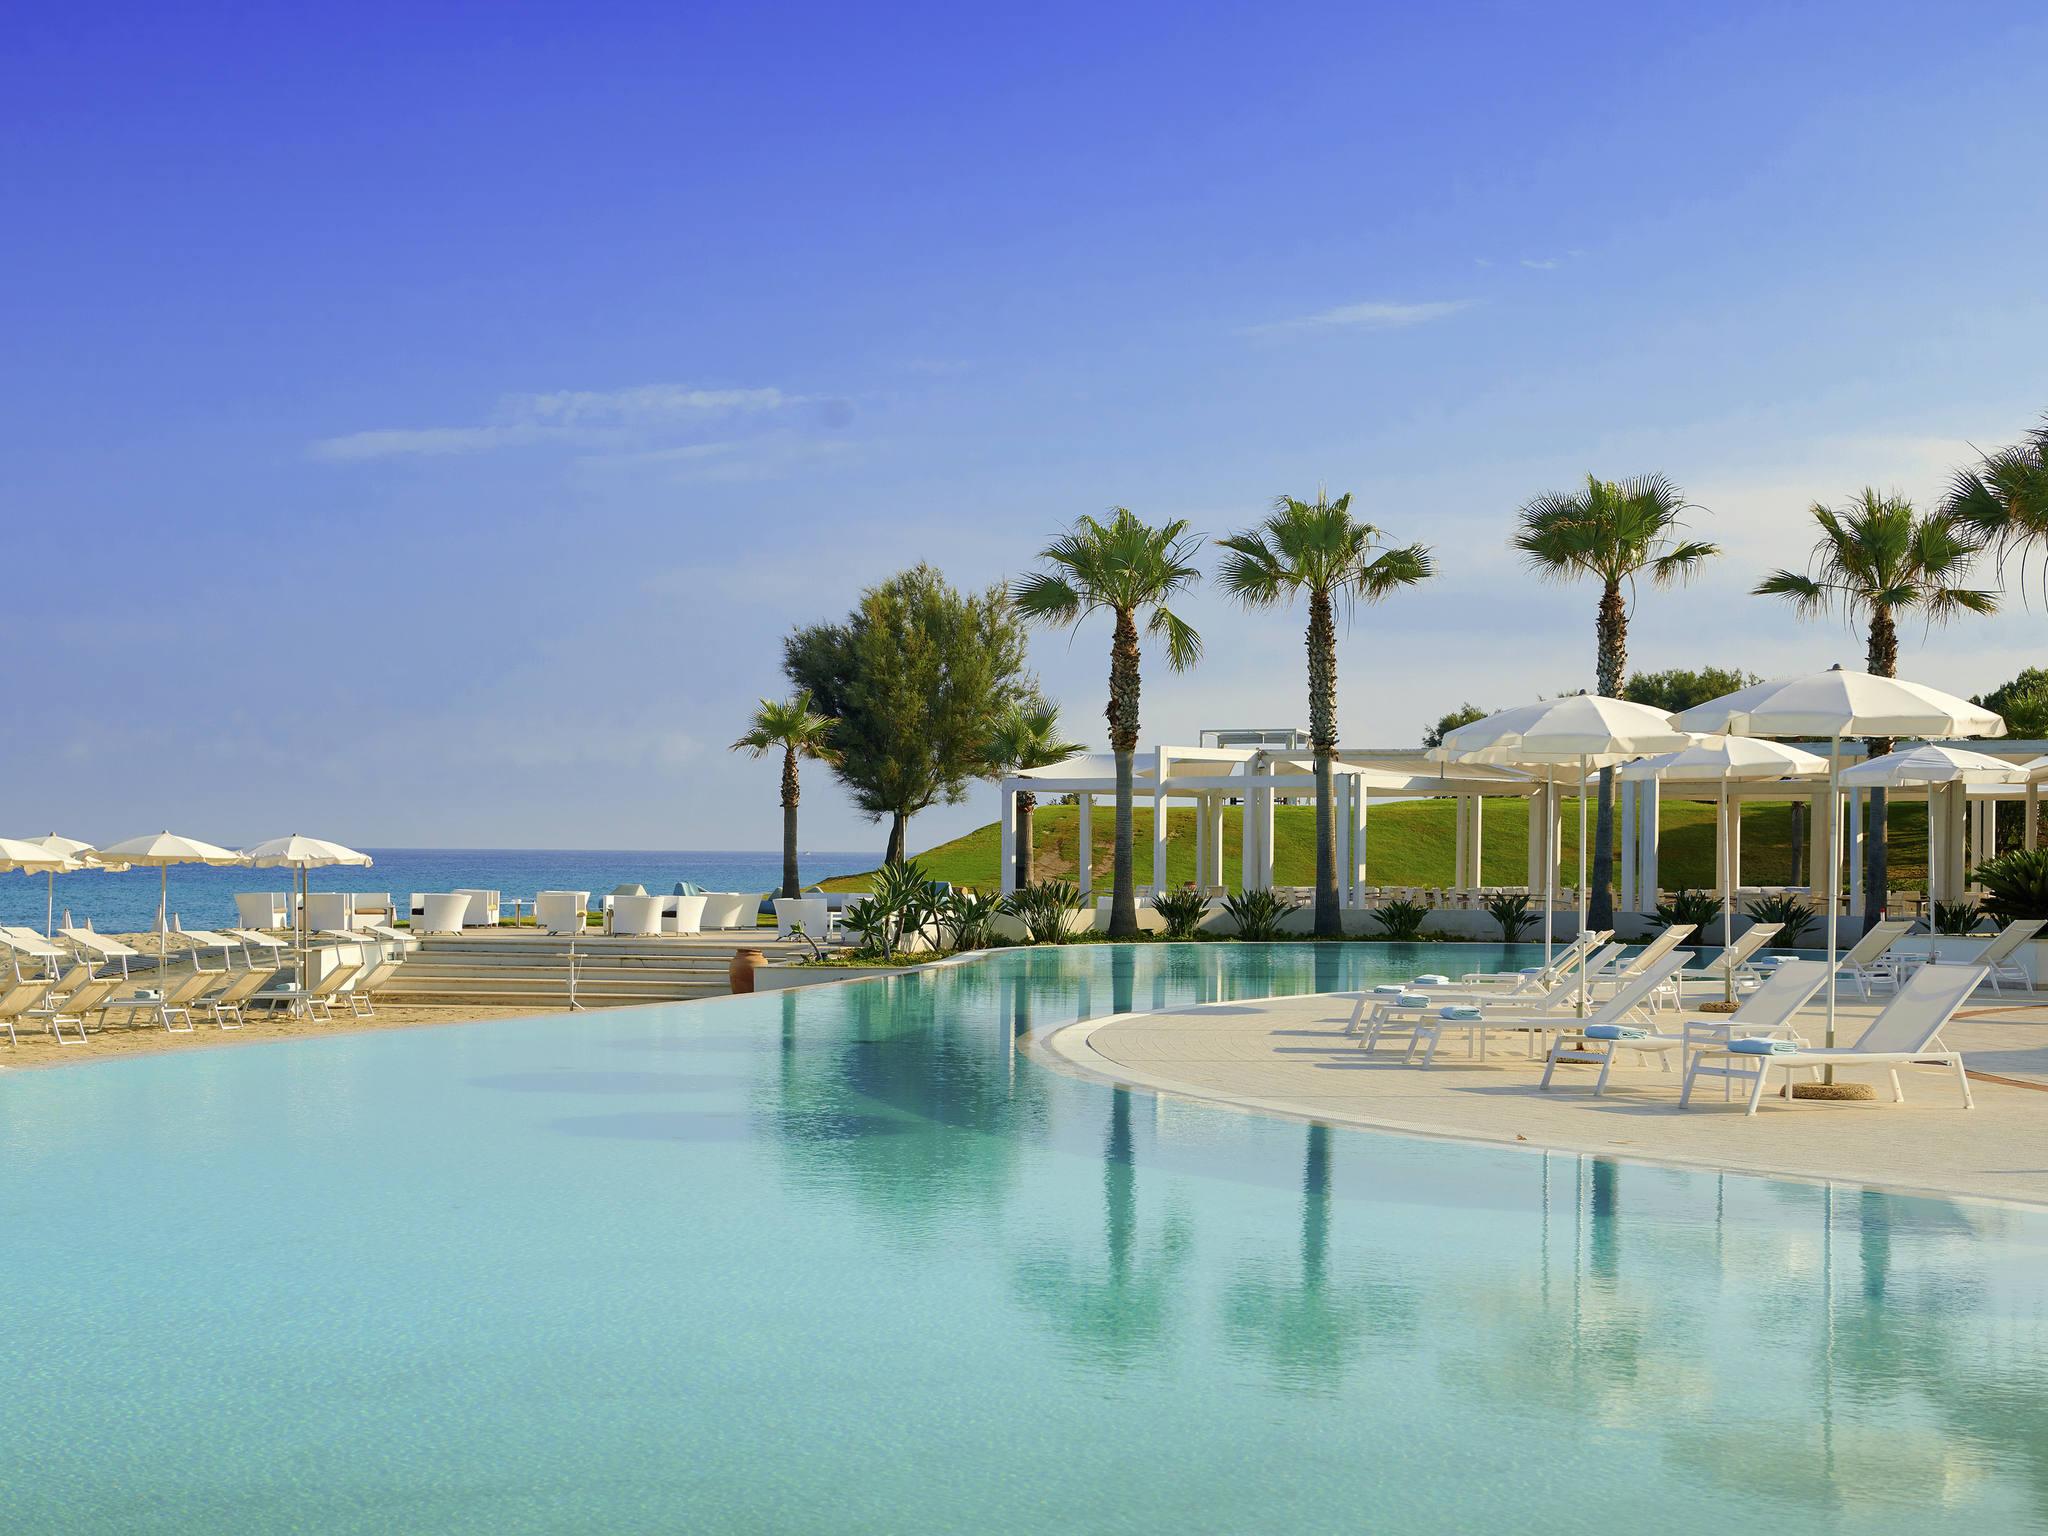 ホテル – Capovaticano Resort Thalasso & Spa - MGallery by Sofitel